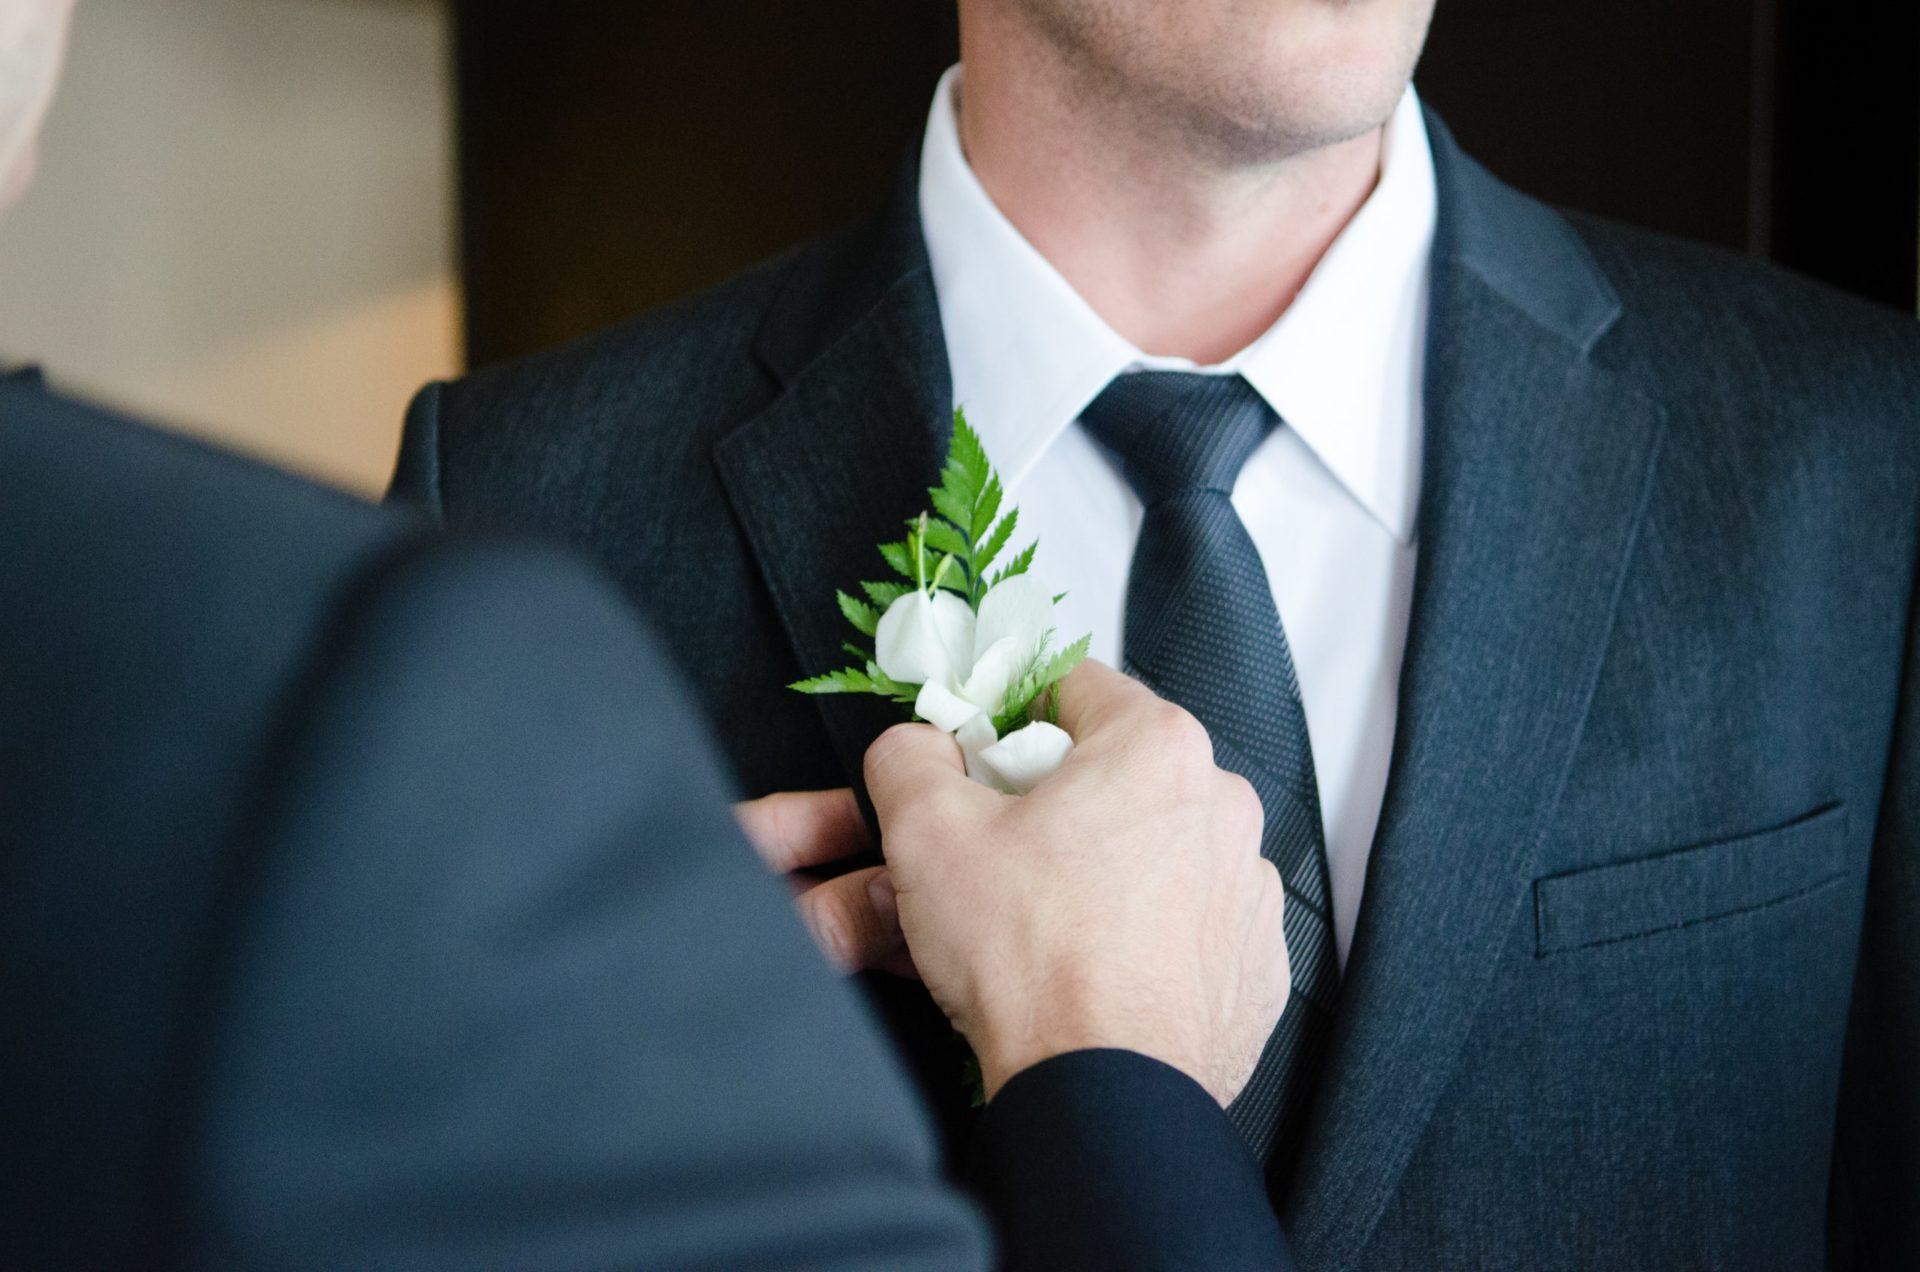 Droits LGBT à Andorre mariage gay et adoption